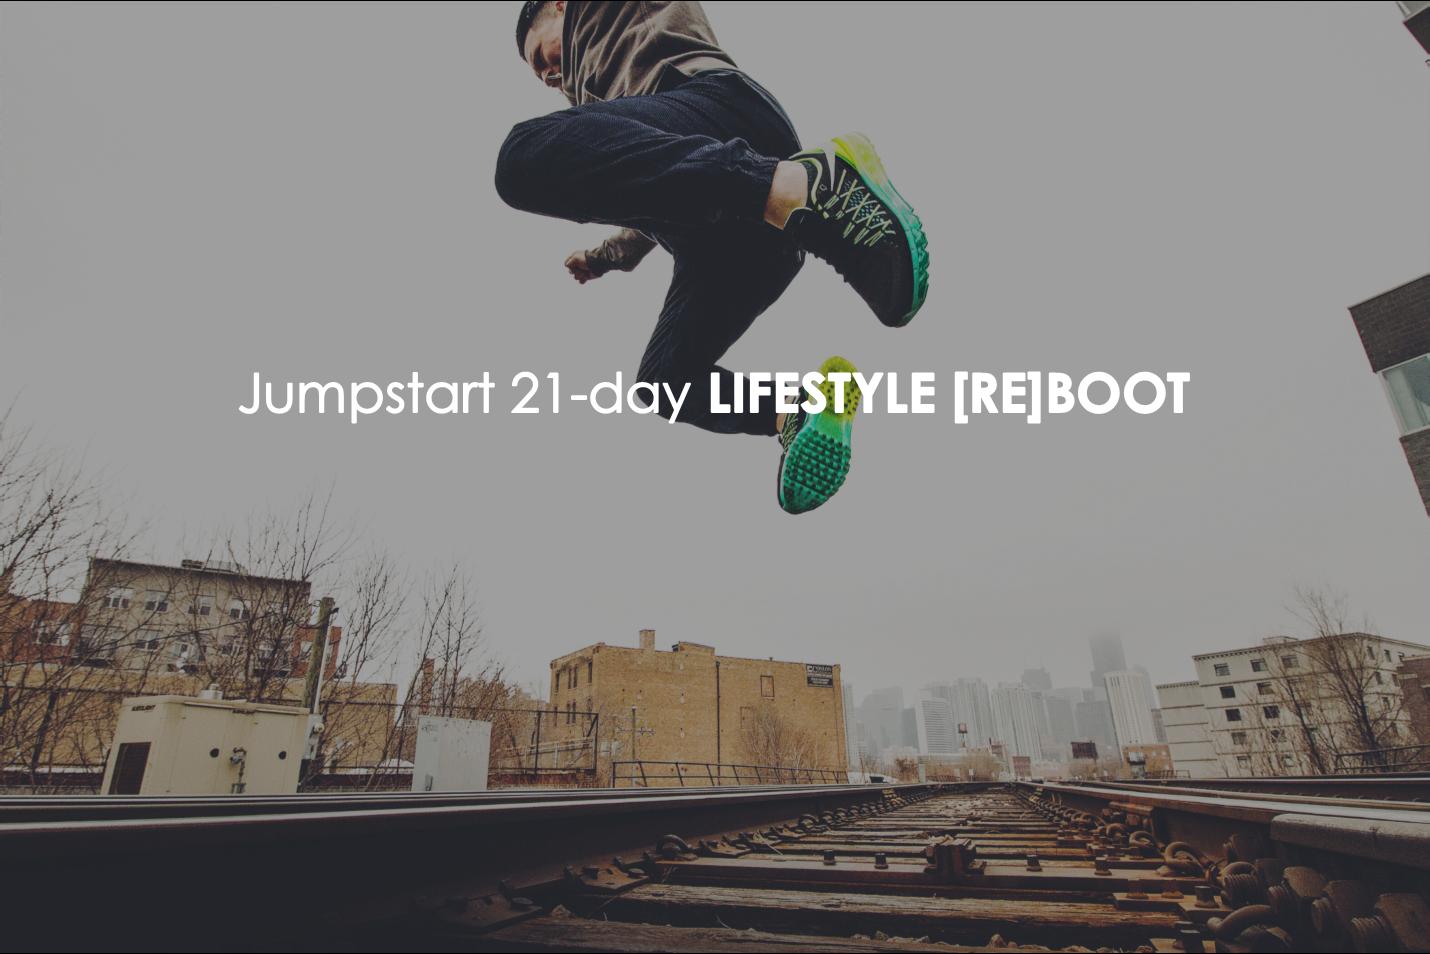 Jumpstart 21 Day Lifestyle Reboot